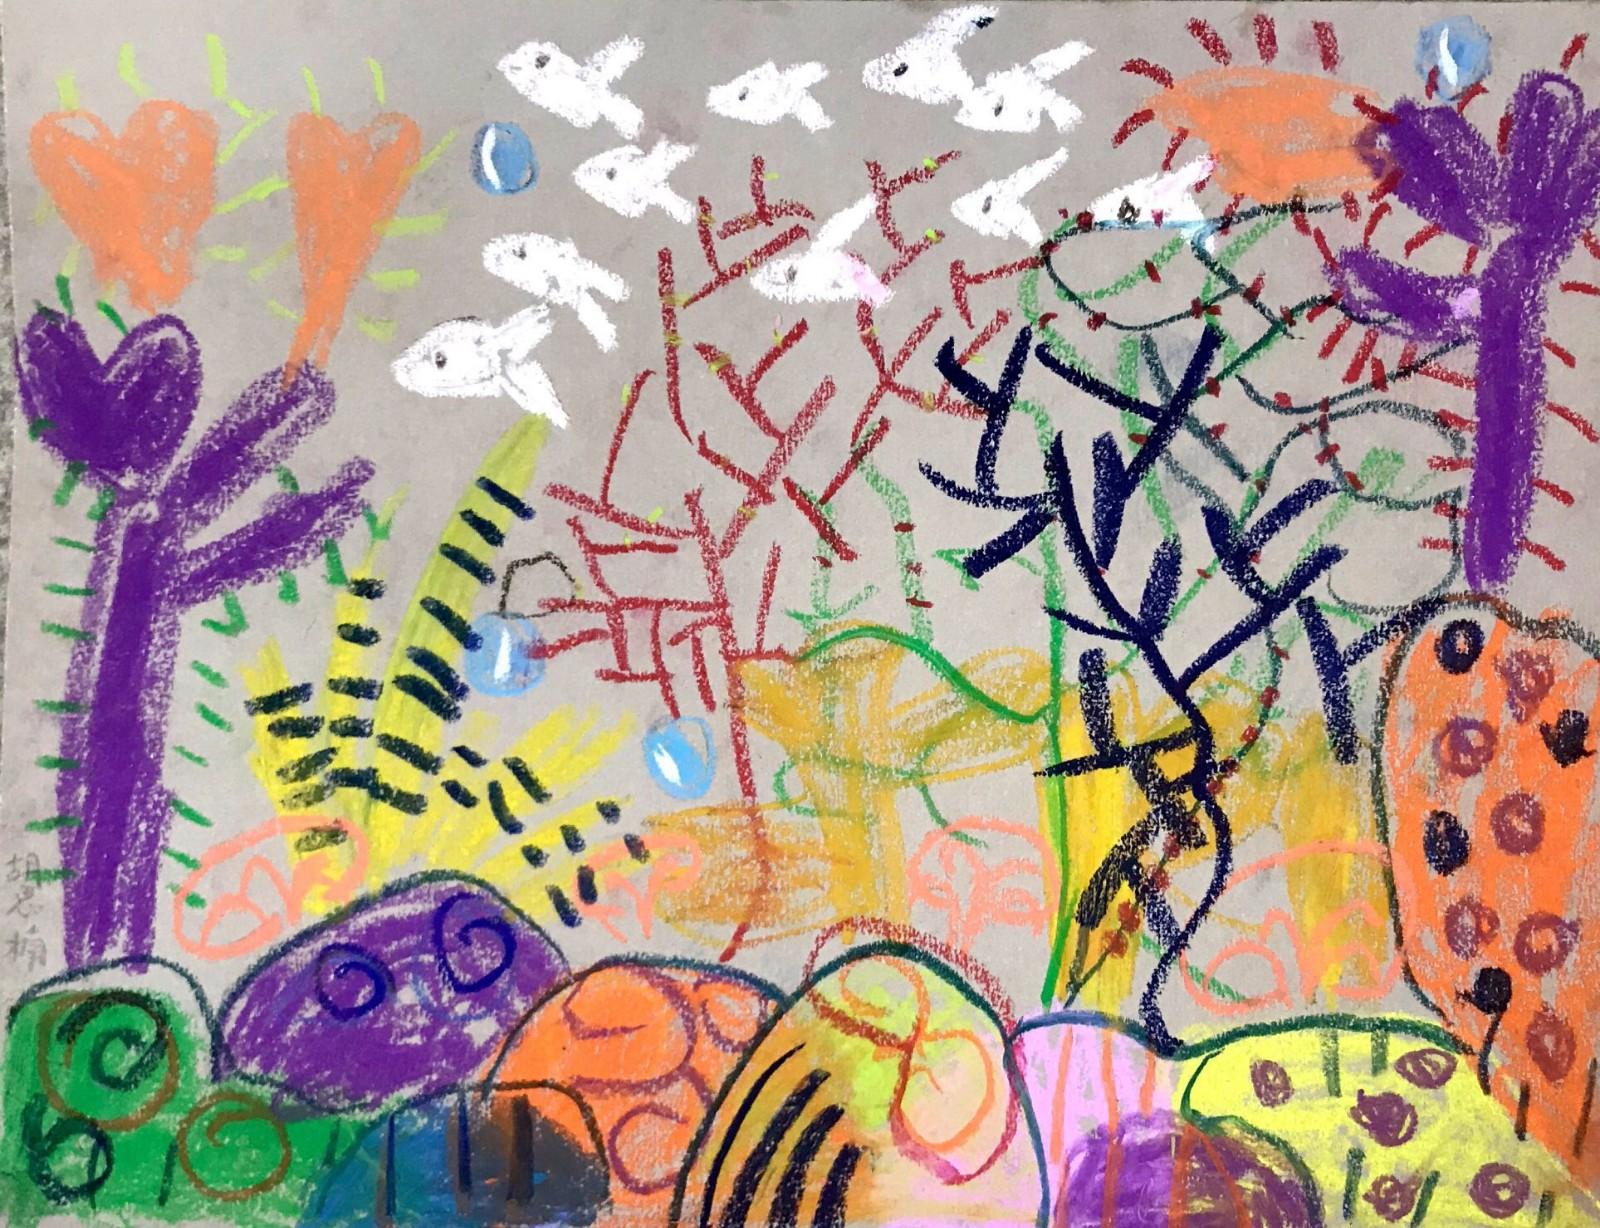 孩子学艺术:别人家孩子都在学的言下之意